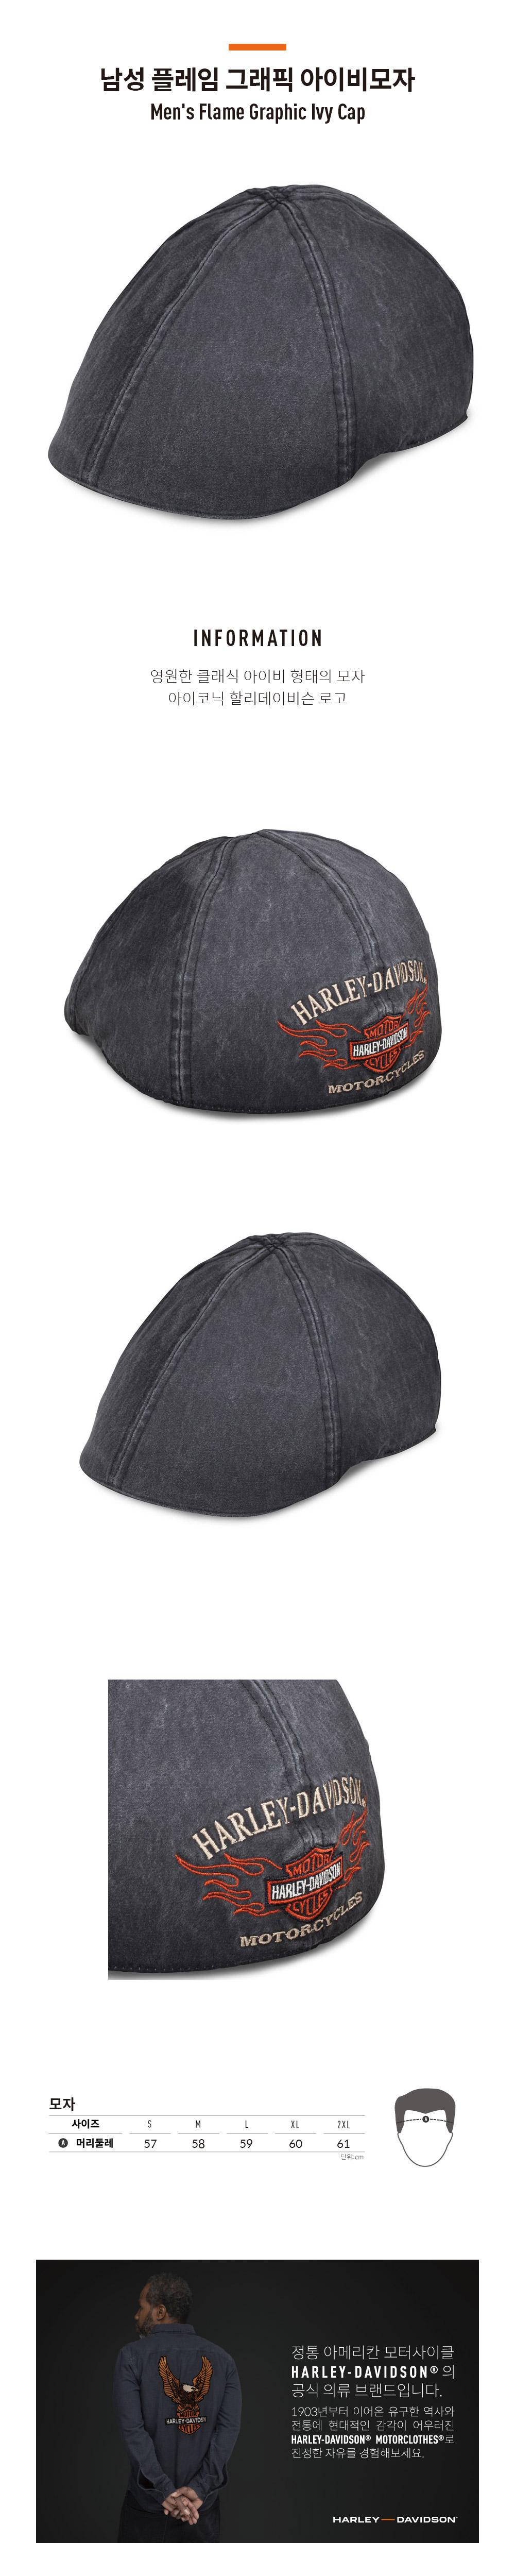 남성 플레임 그래픽 아이비 모자